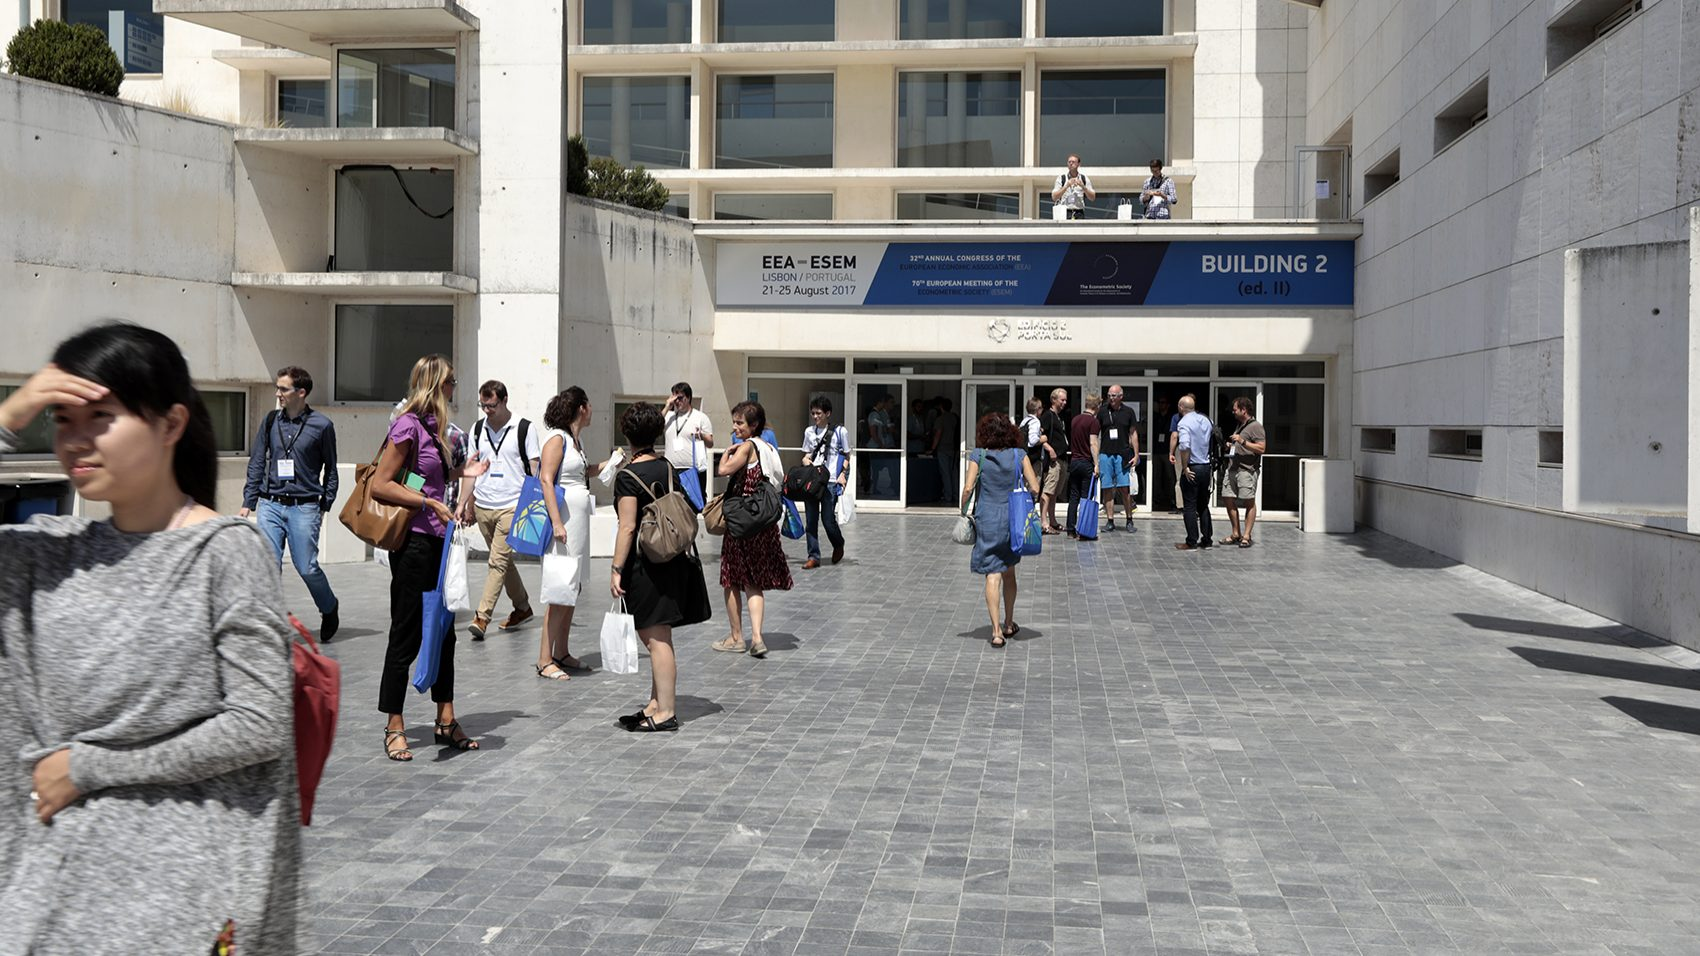 ISCTE dispara no ranking do FT. Nova continua a ter o melhor mestrado em Finanças